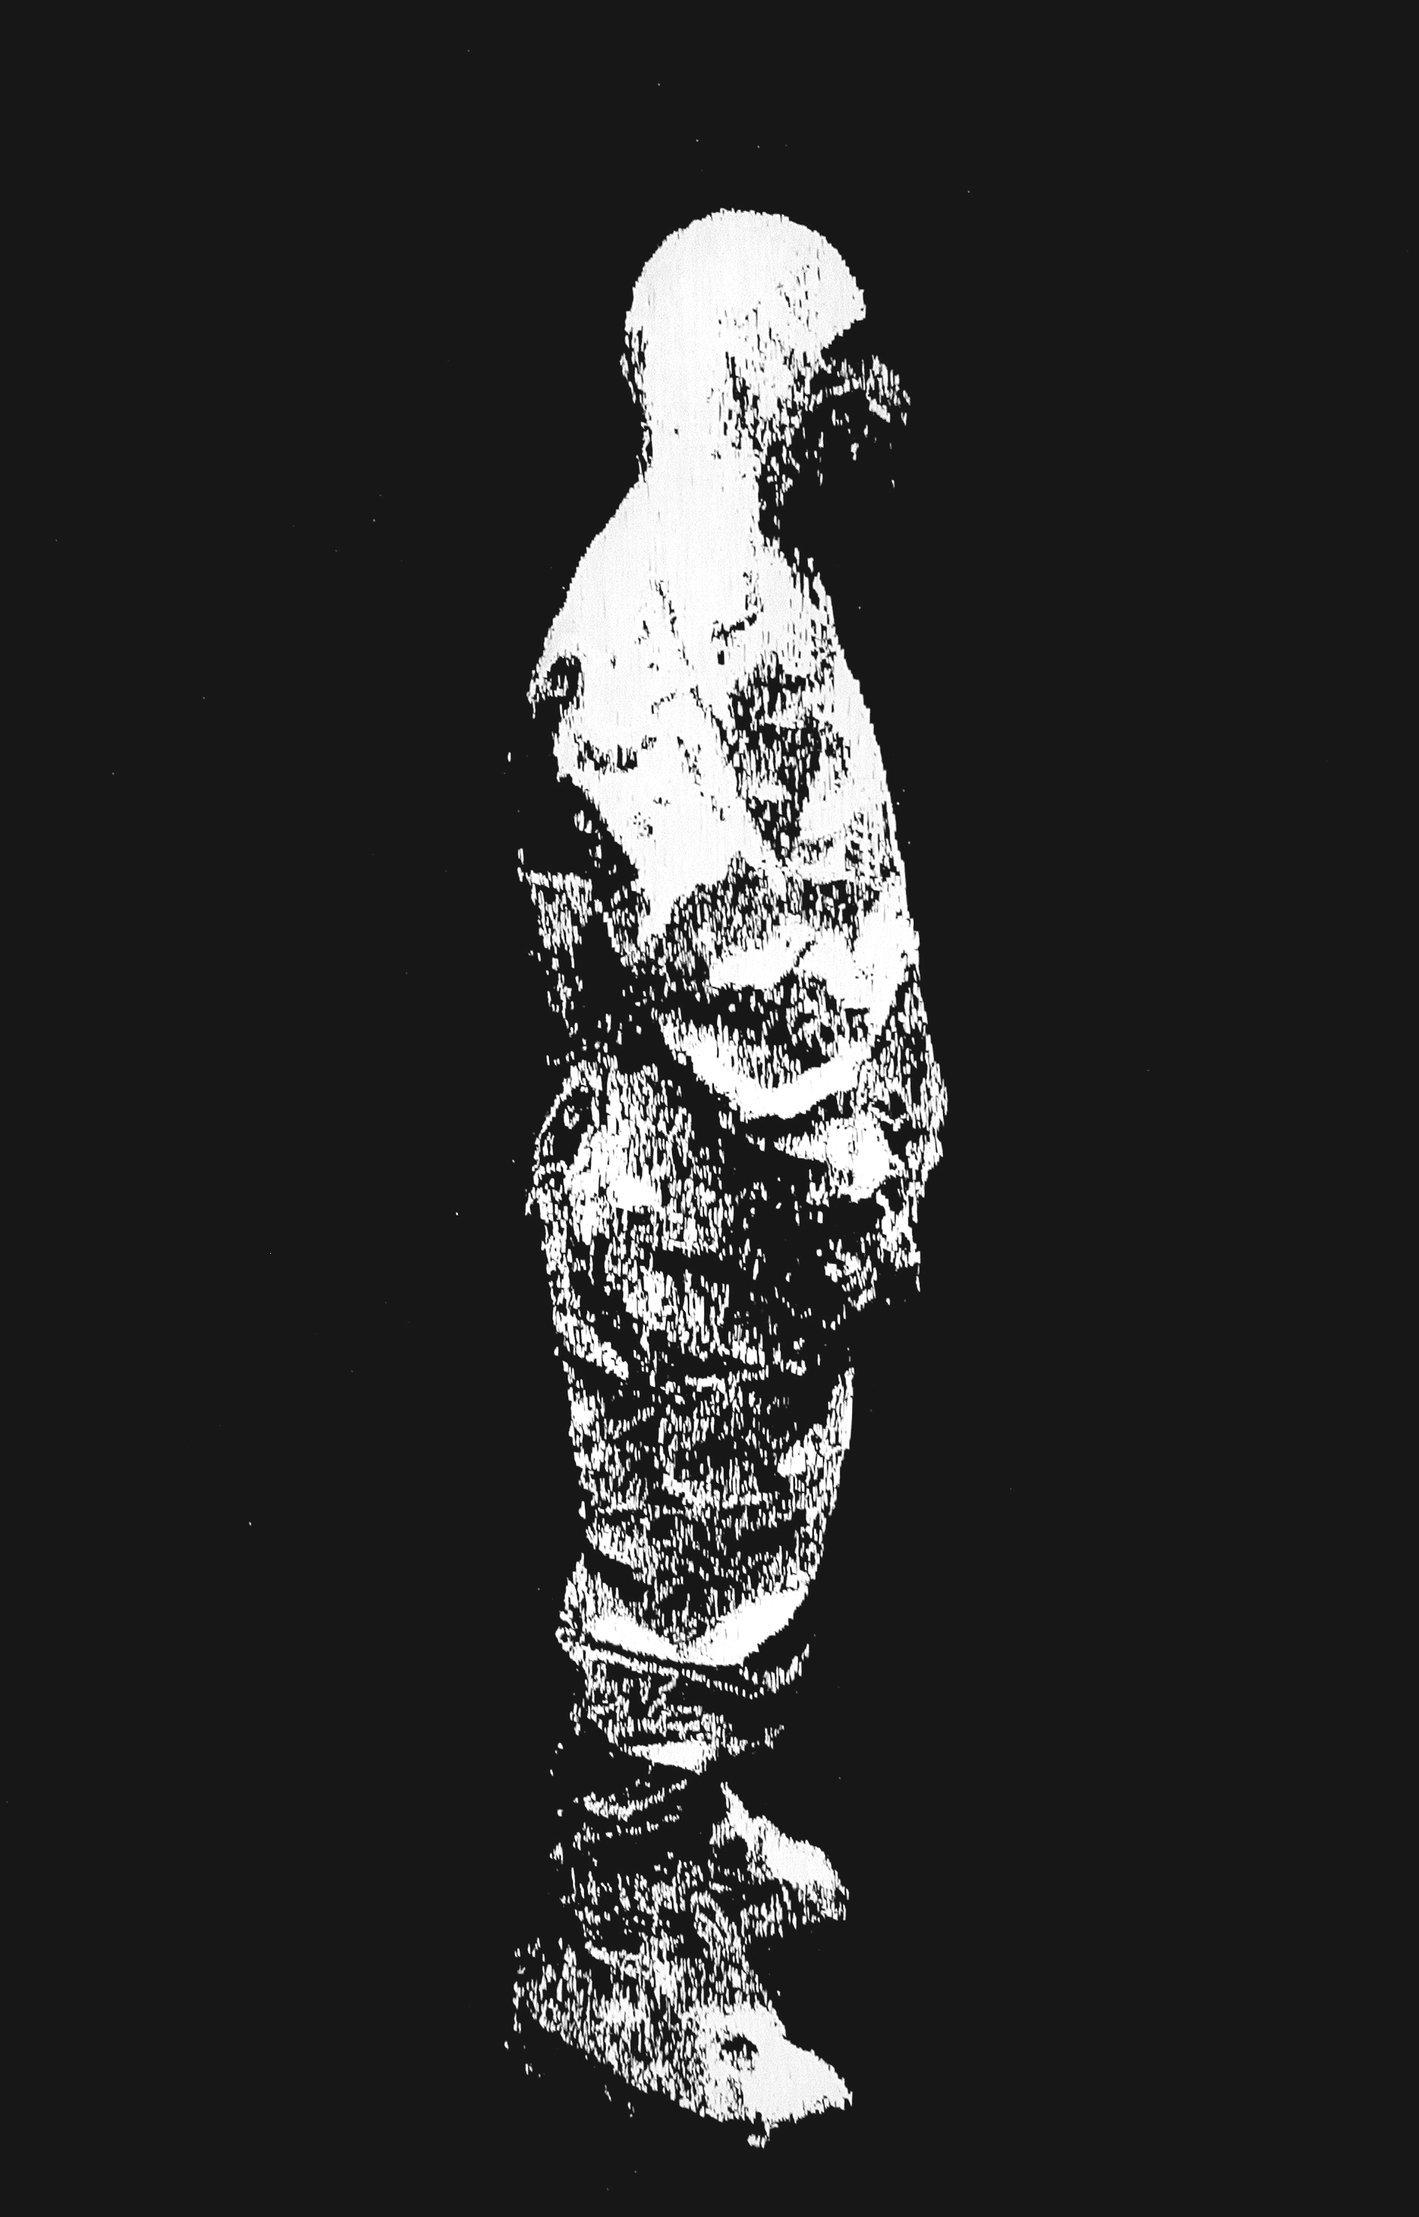 Hülle - Anzug VI, 2010, 220x140cm scharf2.jpg